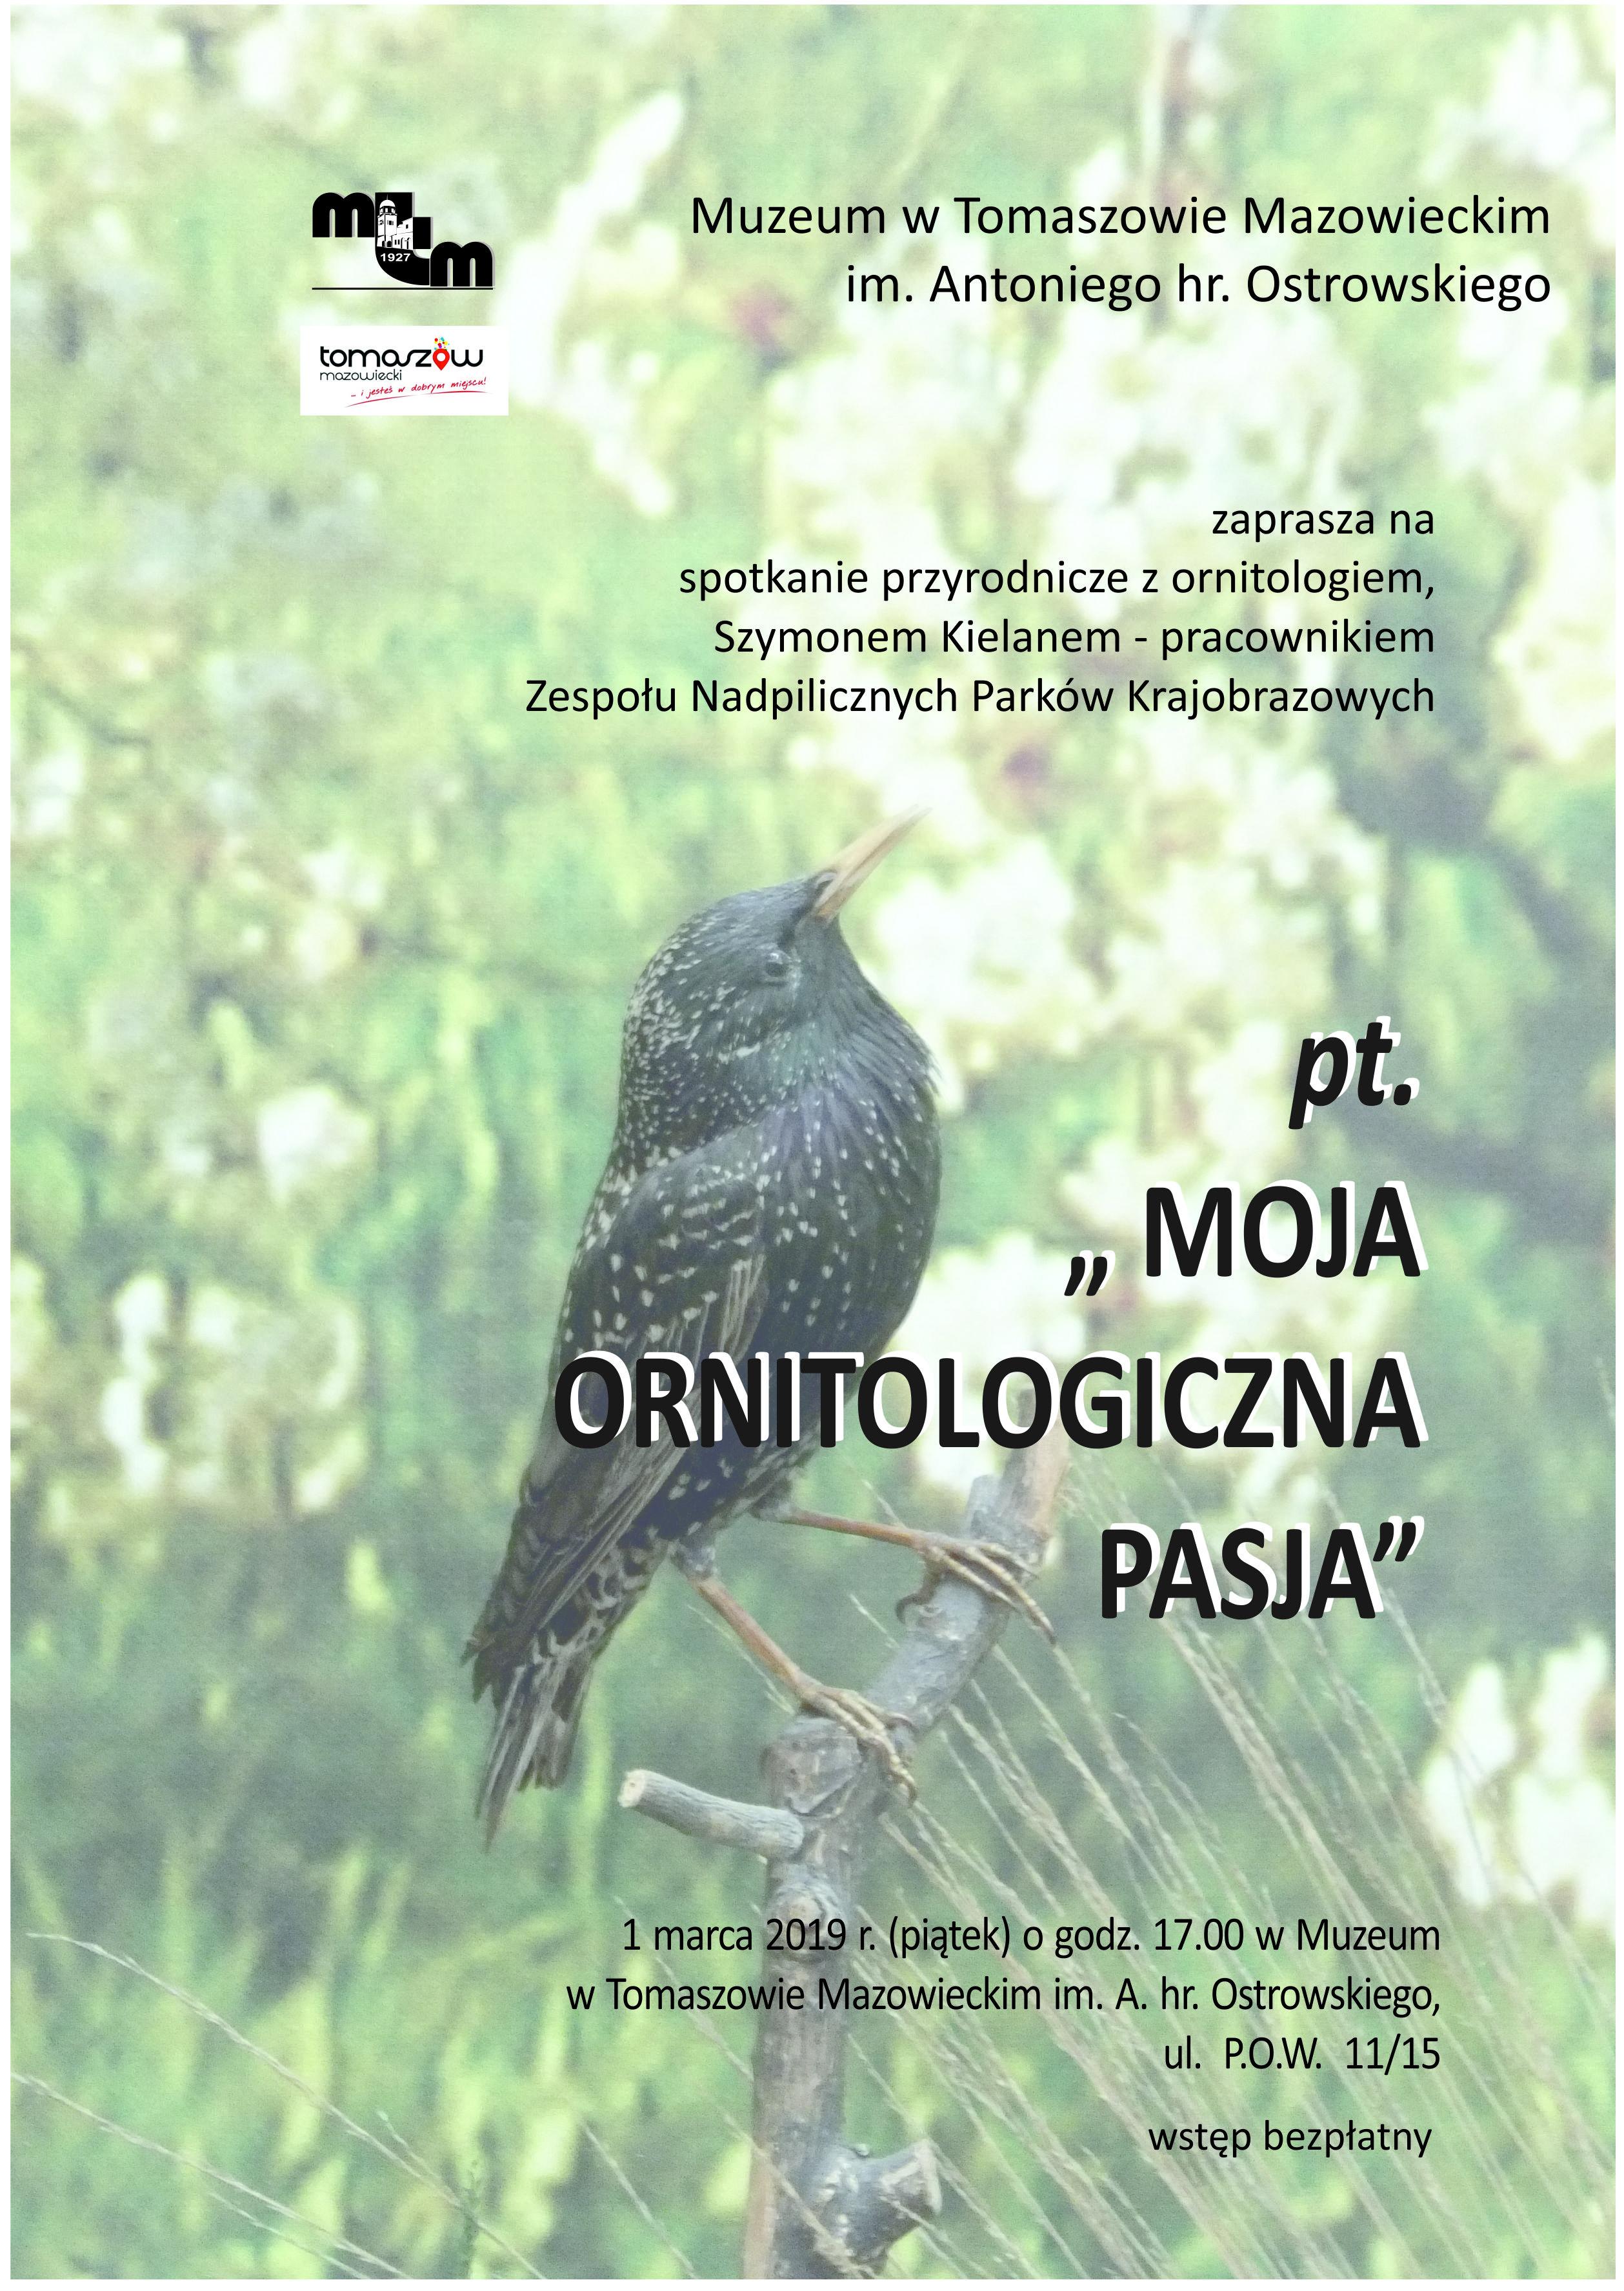 spotkanie ornitologiczne w muzeum